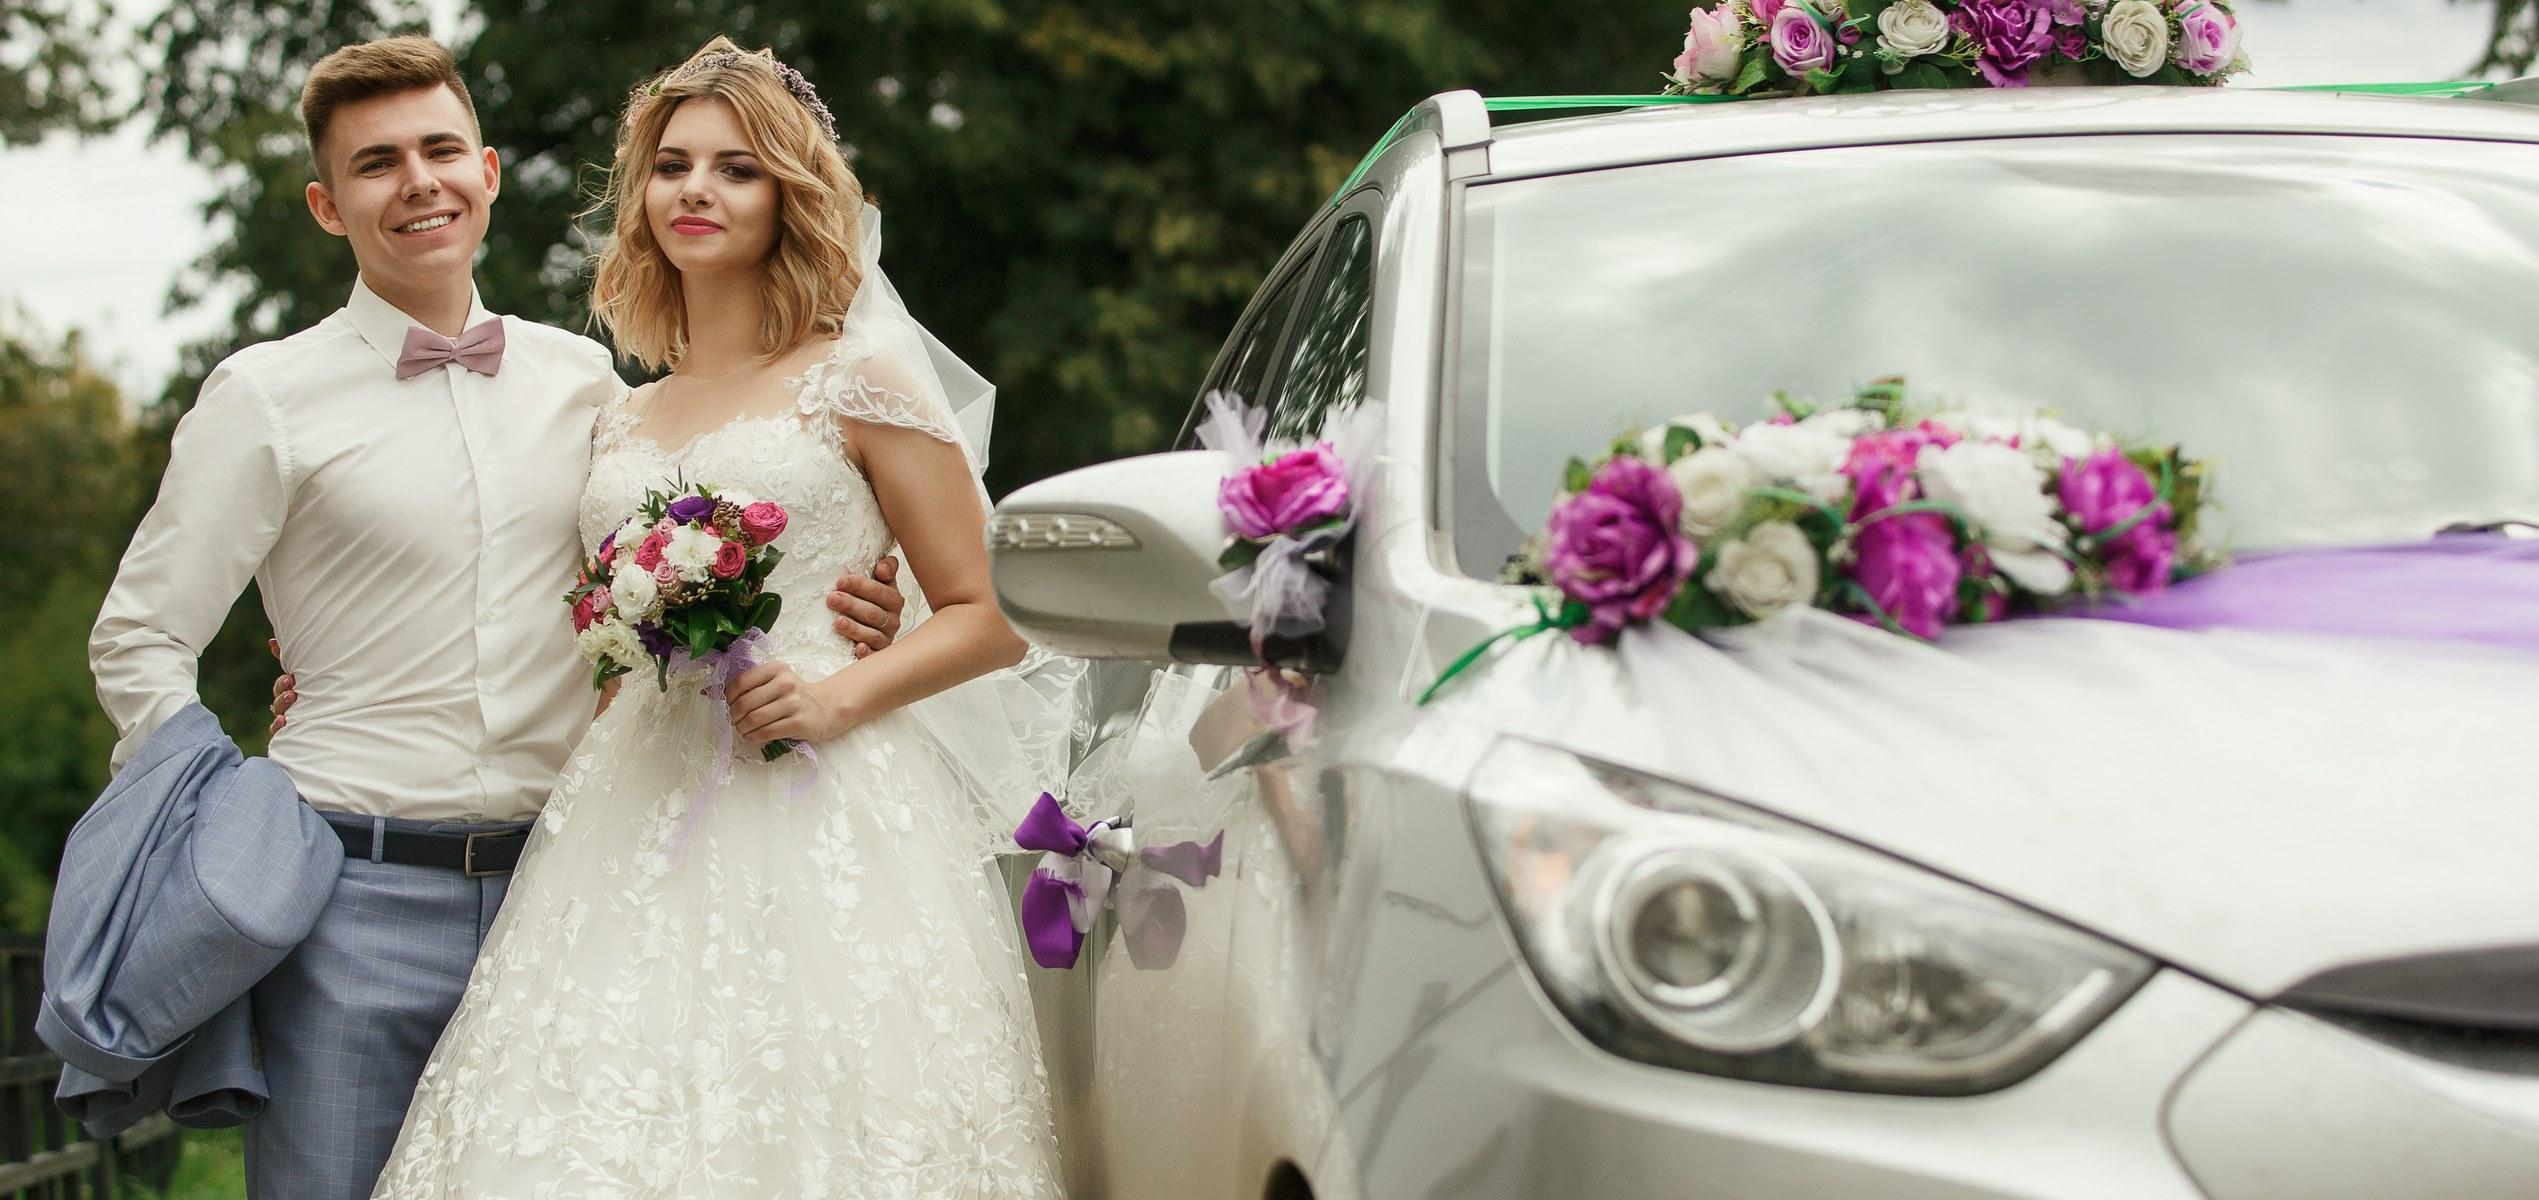 Свадебная прогулка, свадебное фото на фоне природы